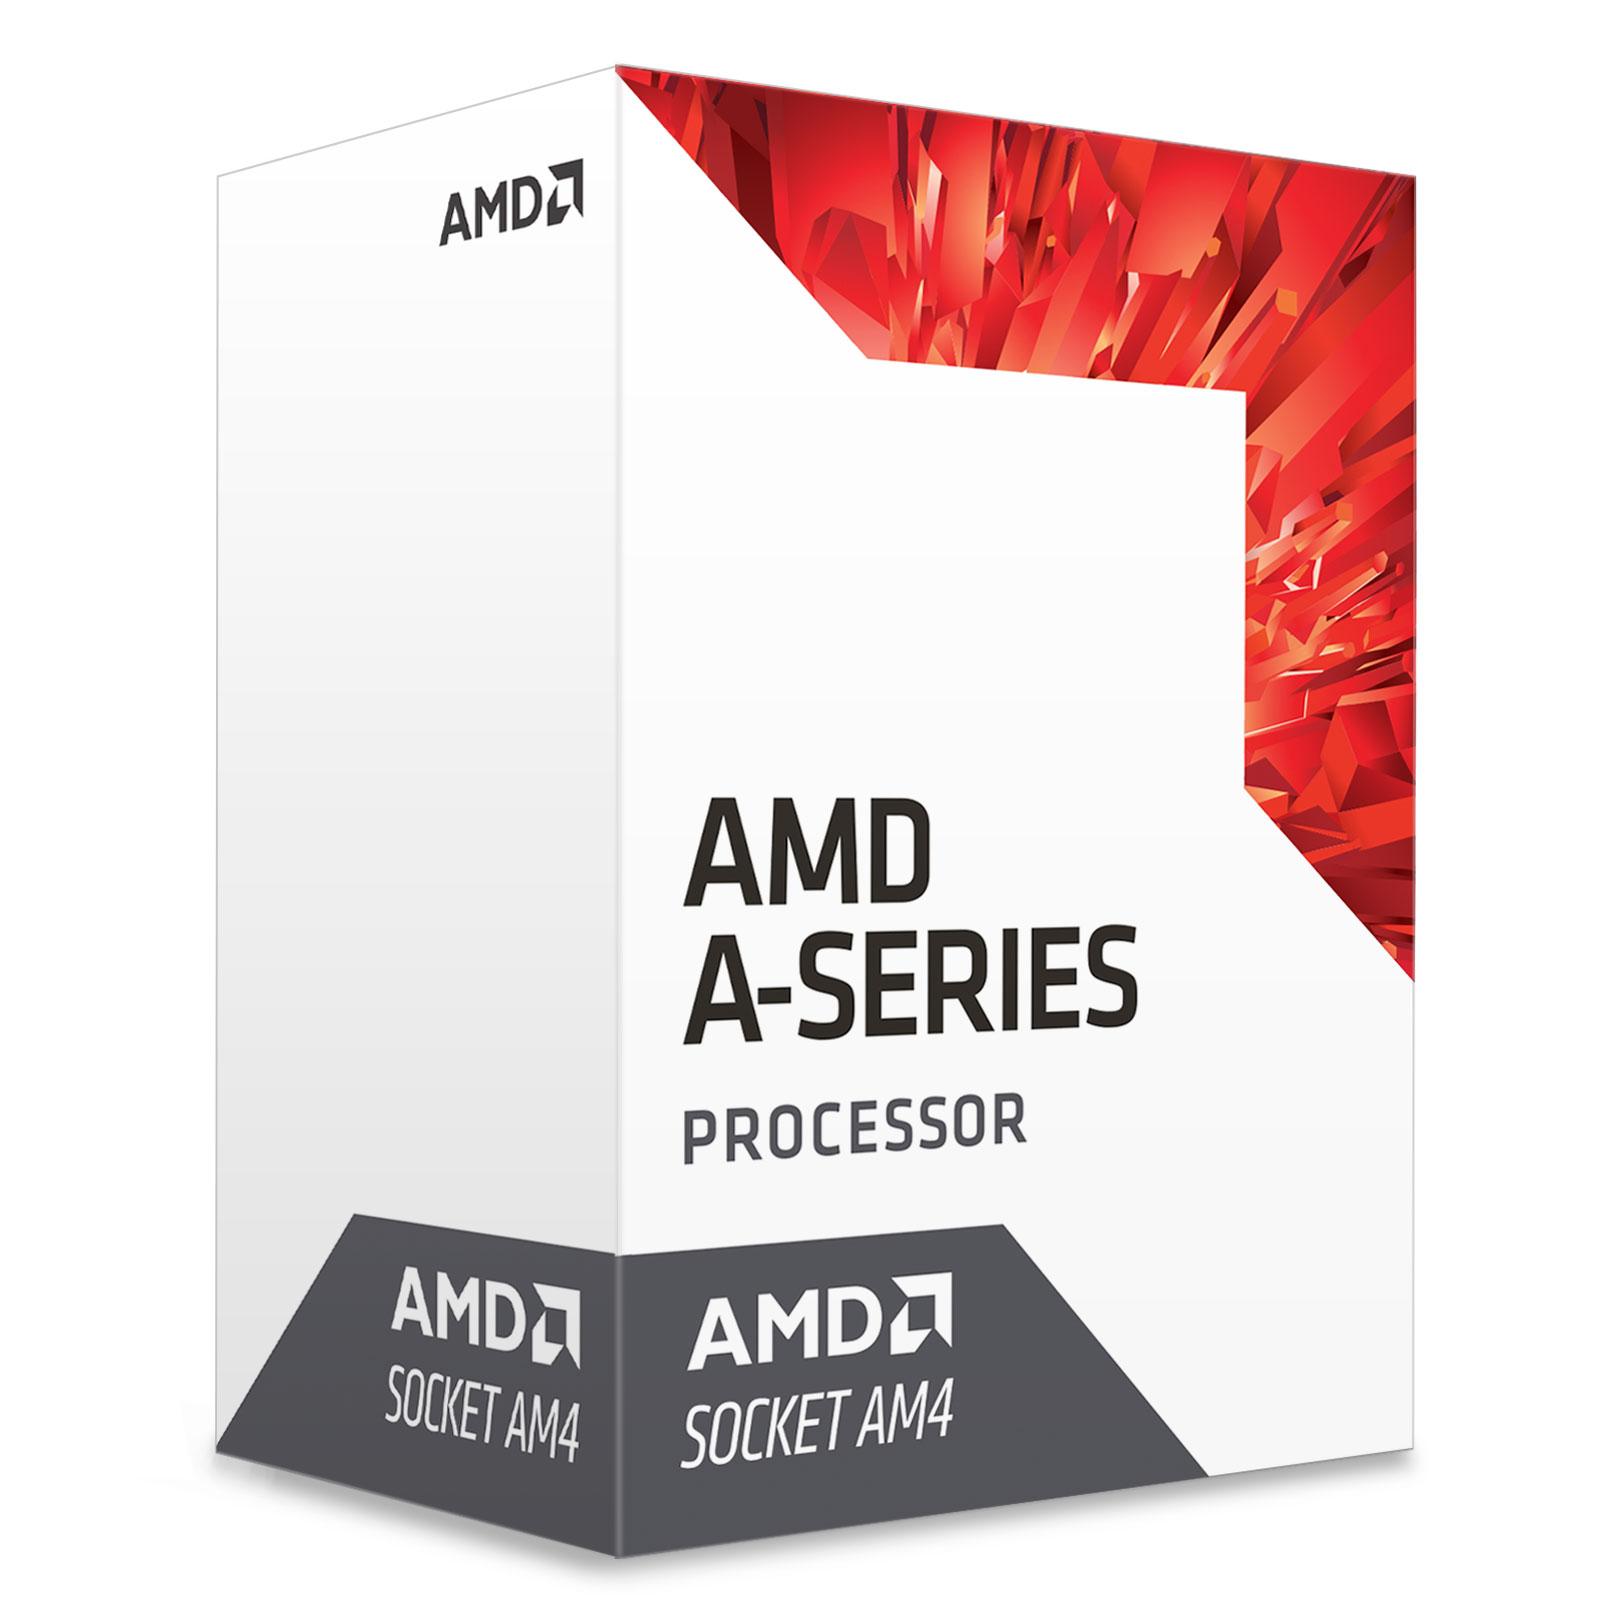 Processeur AMD A12-9800 (3.8 GHz) Processeur Quad Core socket AM4 Cache L2 2 Mo Radeon R7 0.028 micron TDP 65W (version boîte - garantie constructeur 3 ans)